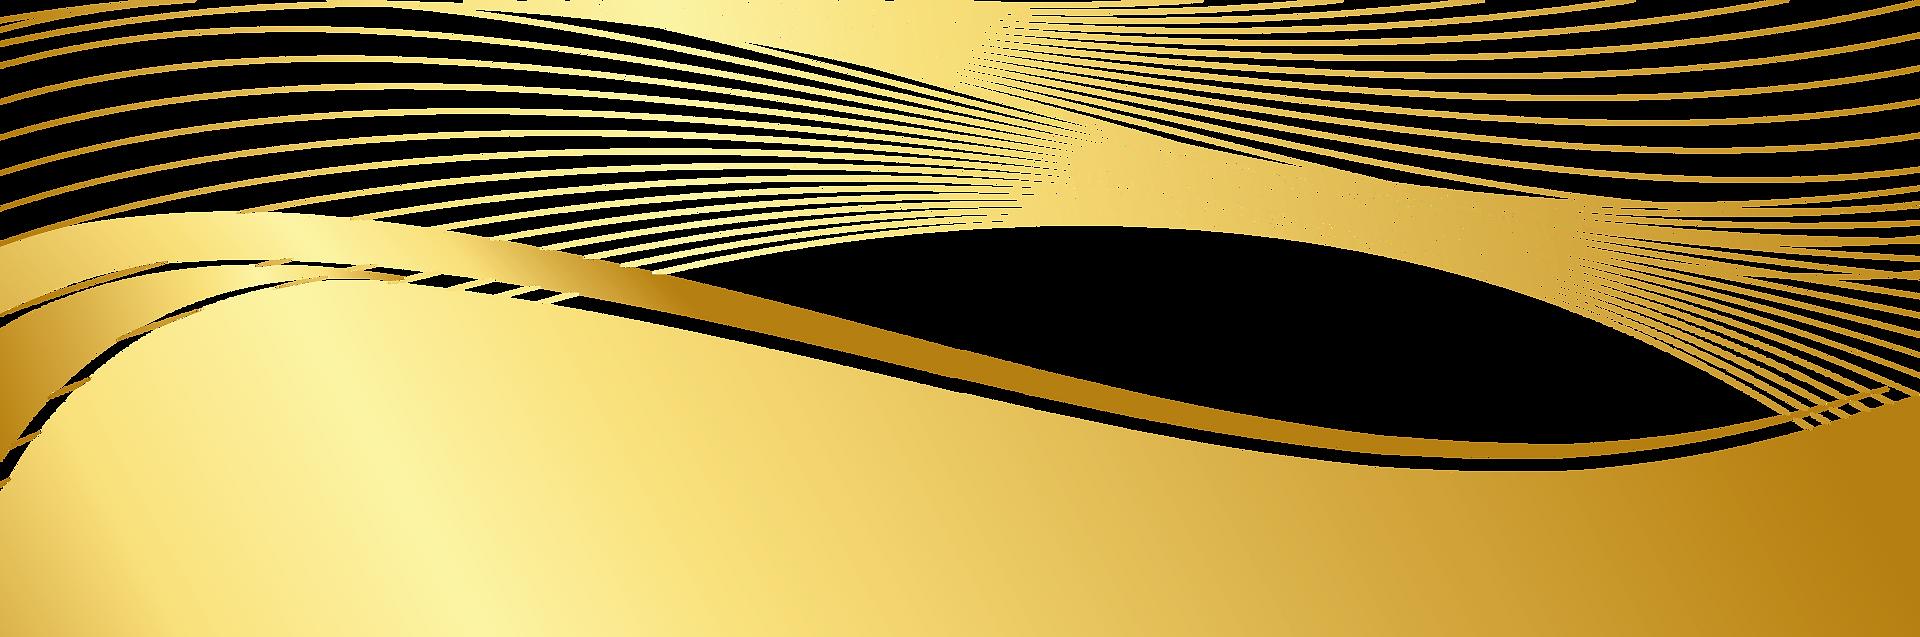 don_Монтажная область 1_Монтажная област